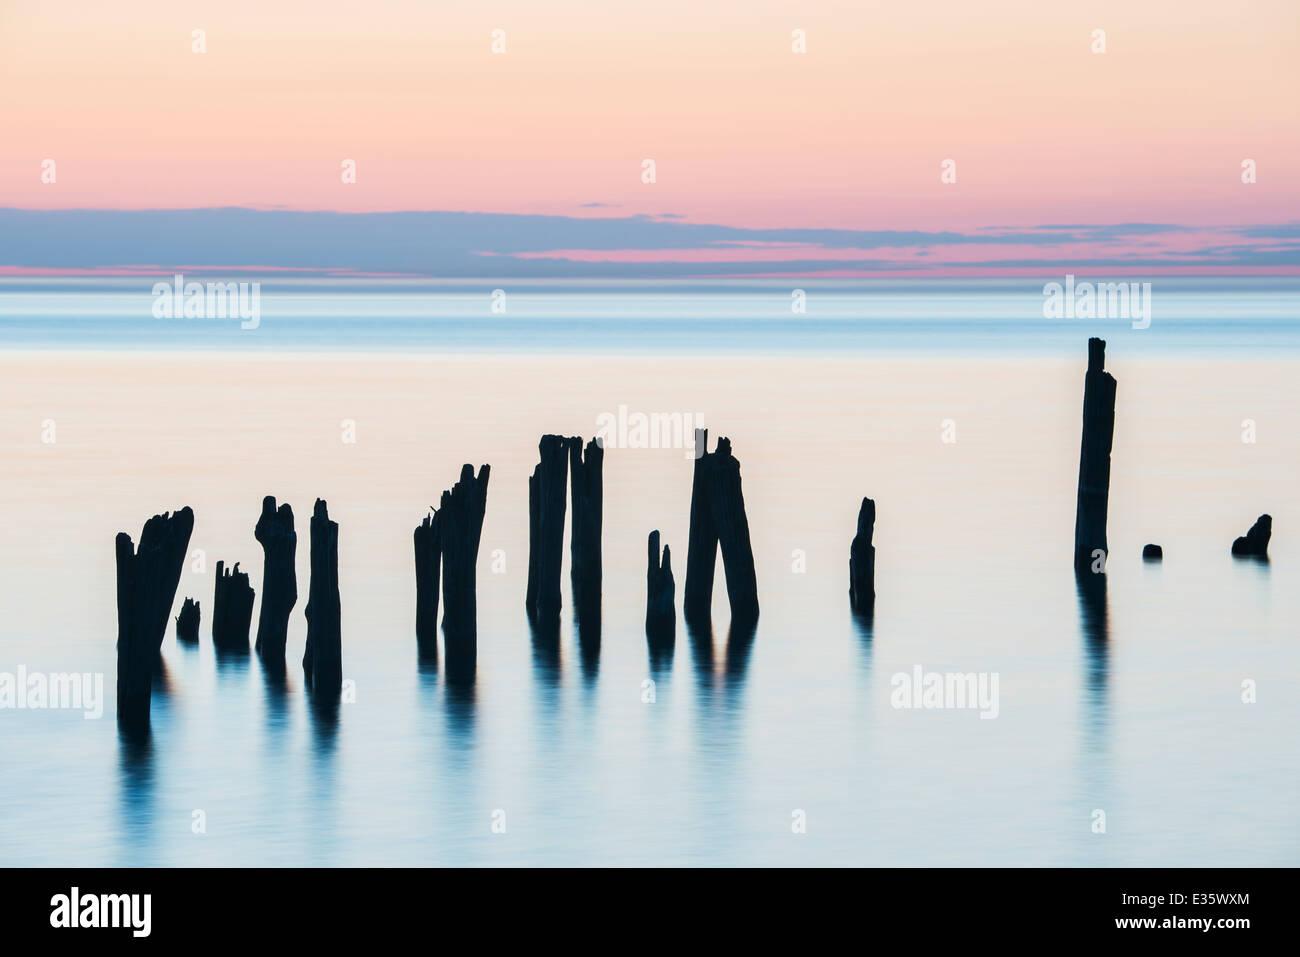 Cifras tenebrosas, restos de muelle de pilotes se mantienen constantes en el Gran Lago del Lago Huron, Michigan, Imagen De Stock